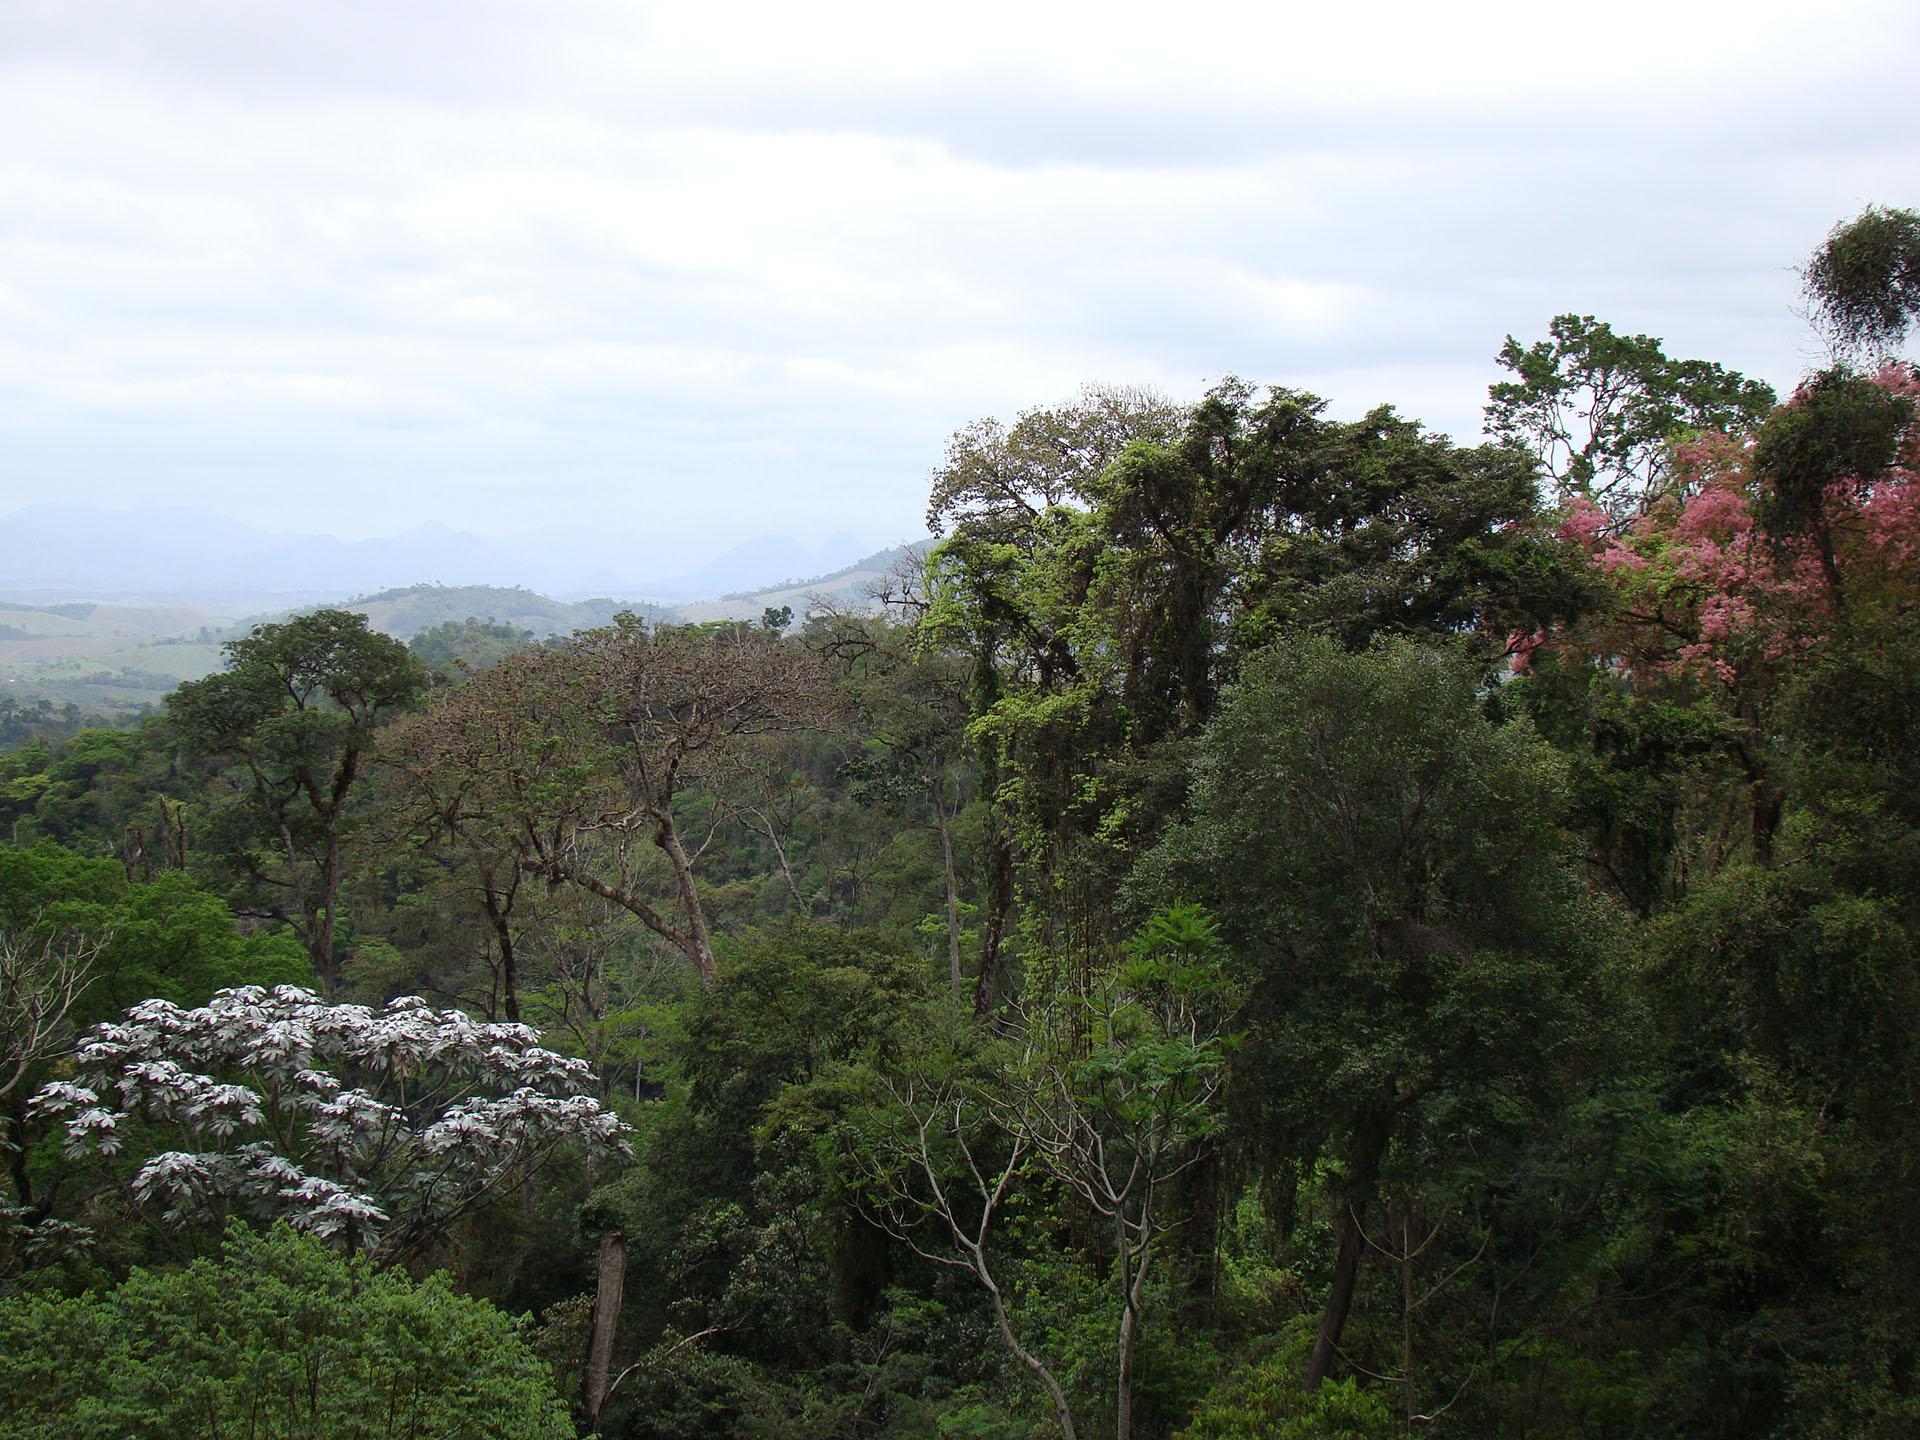 Conheça os projetos que estão ajudando a ampliar a cobertura florestal do ES